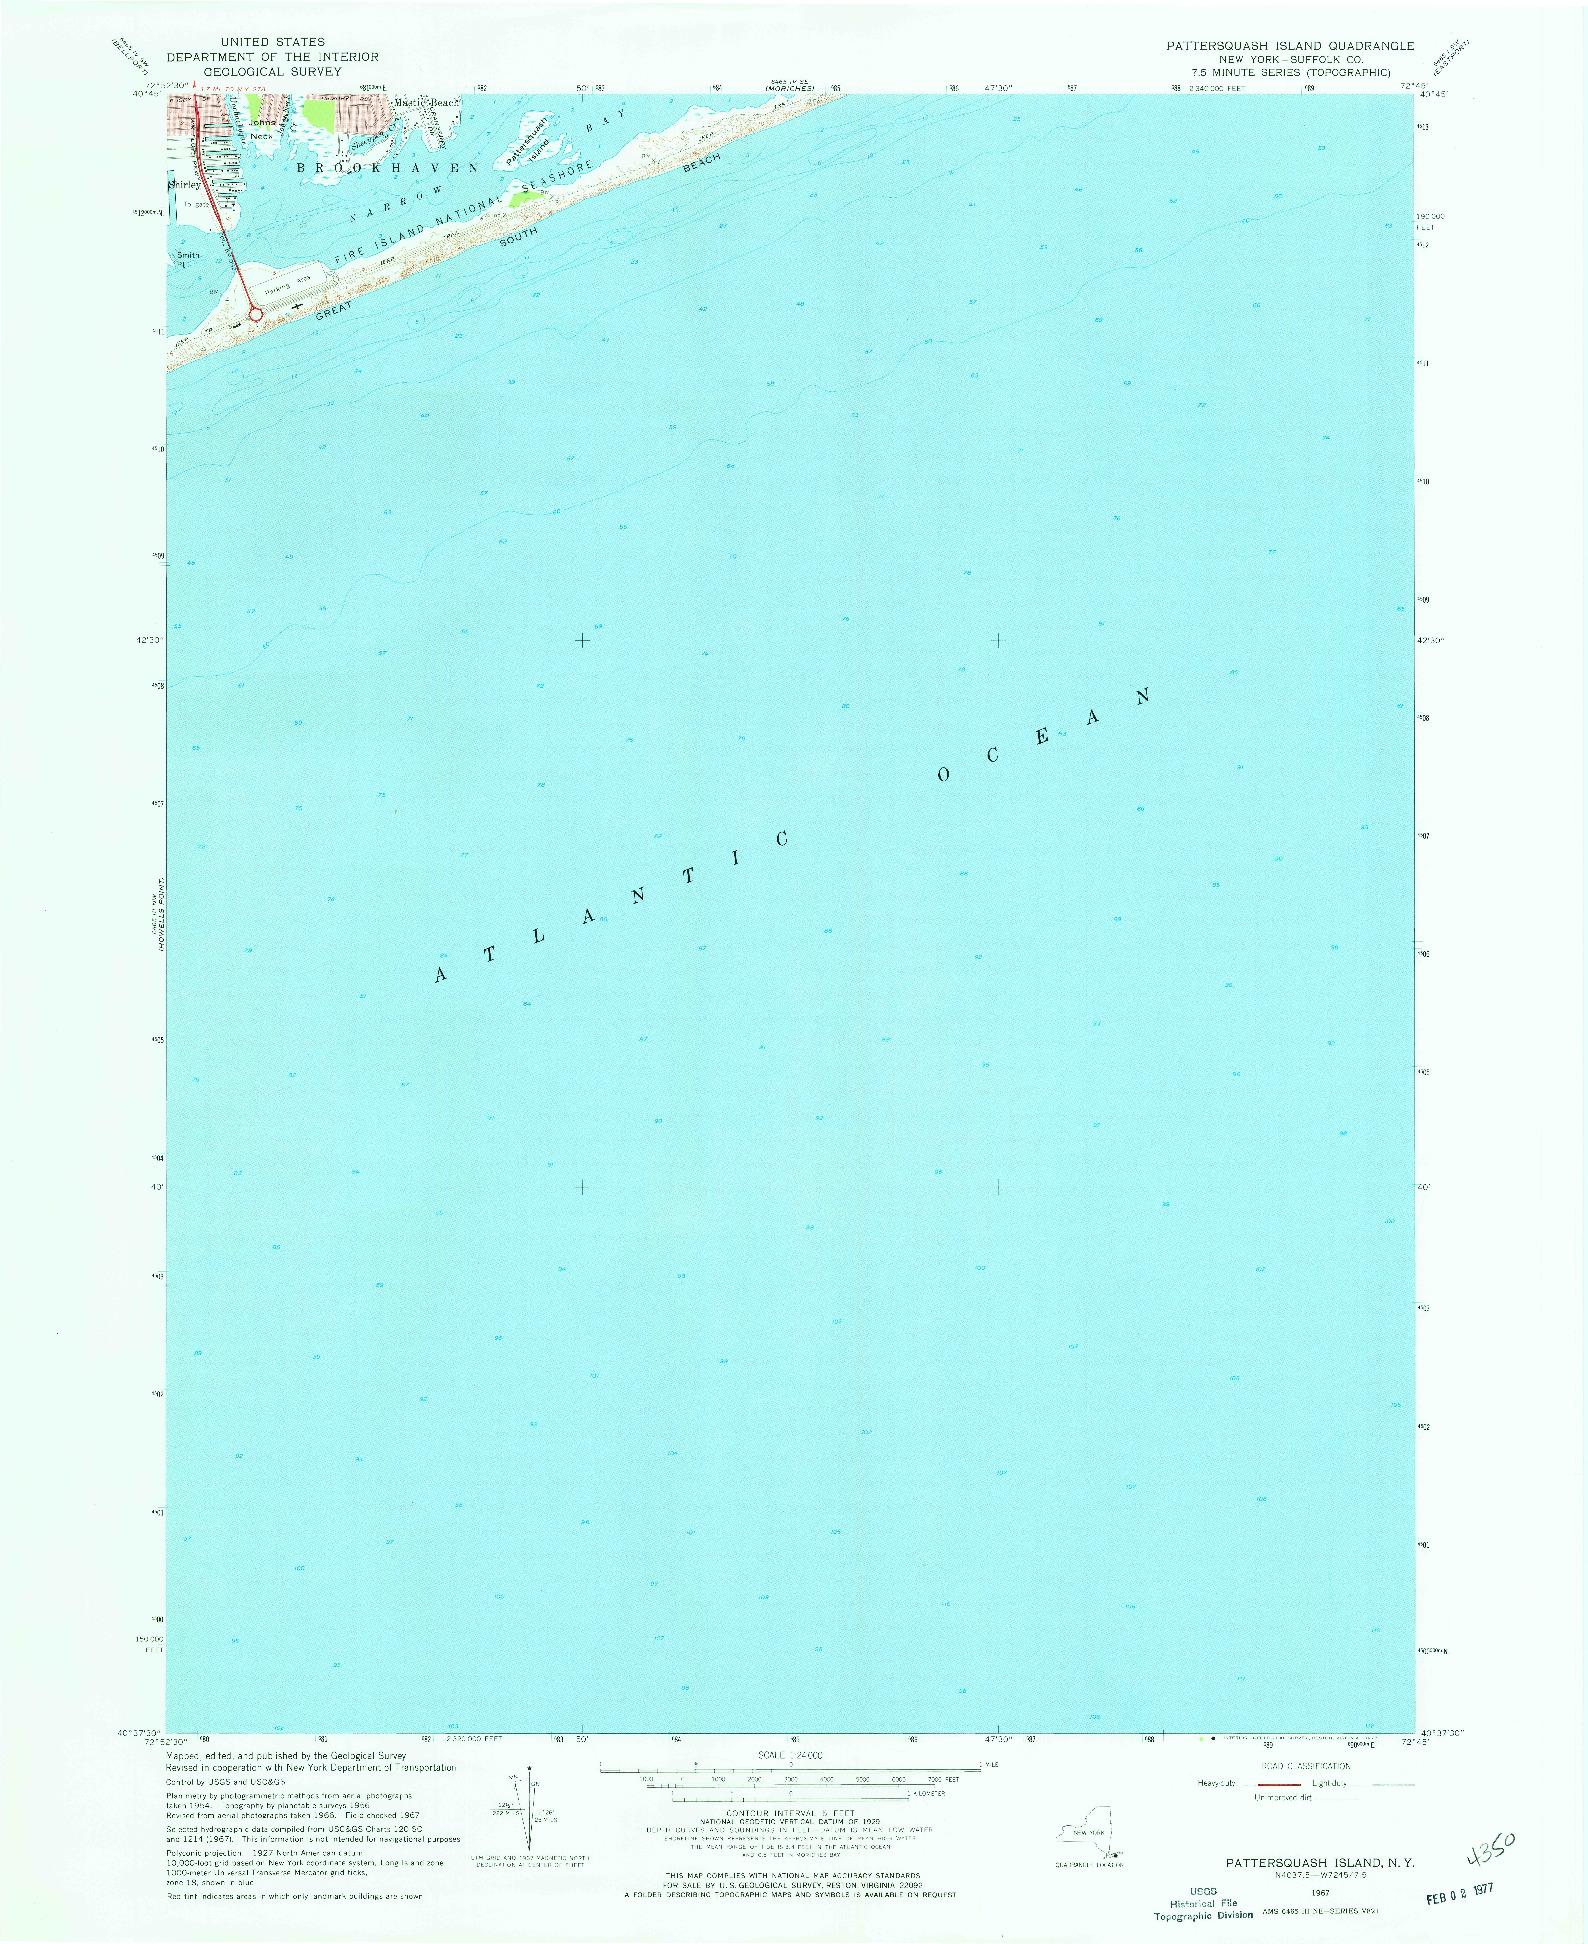 USGS 1:24000-SCALE QUADRANGLE FOR PATTERSQUASH ISLAND, NY 1967